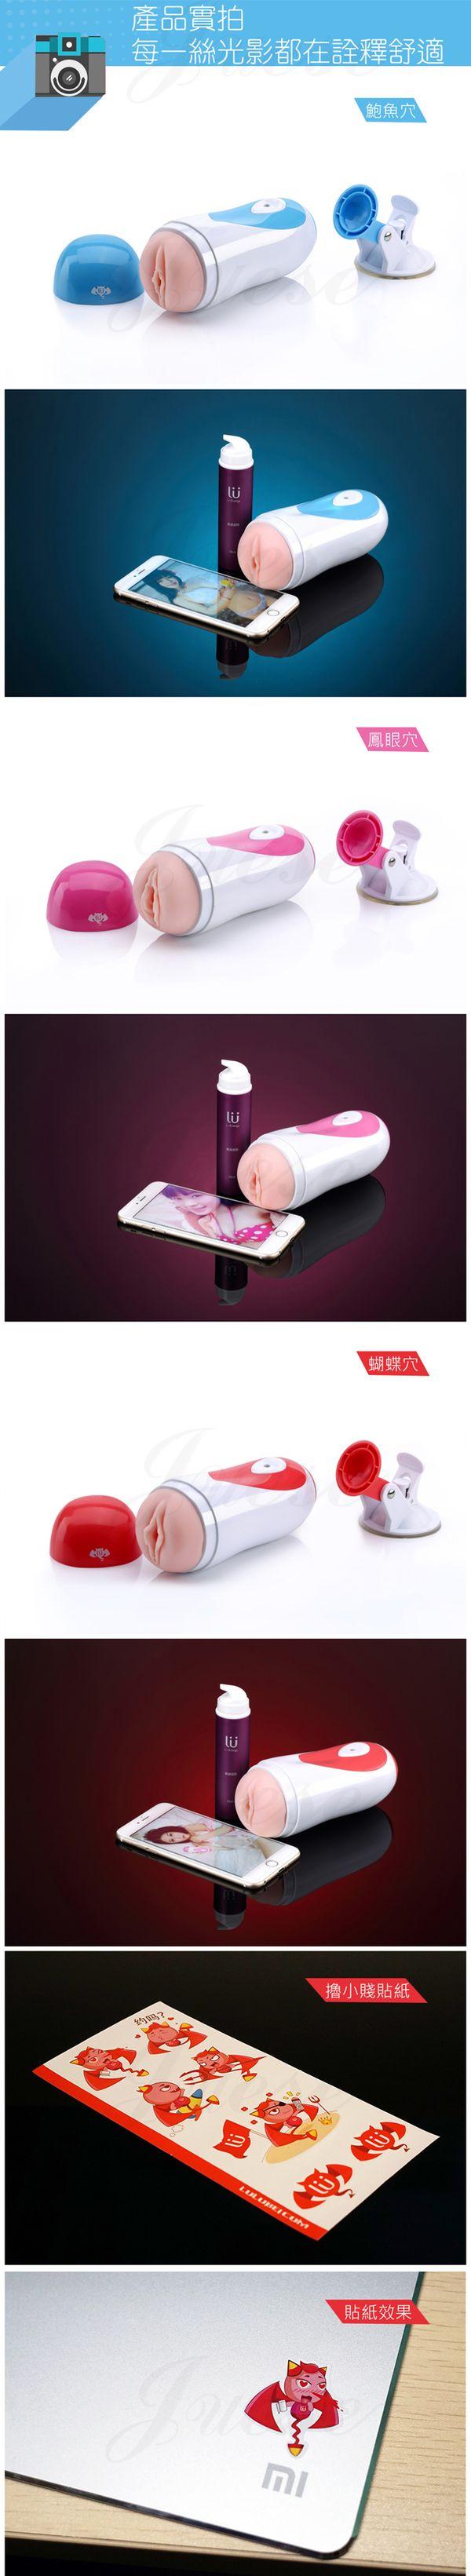 附圖4-香港久興-擼擼杯2 手持/免手持雙用吸盤自慰杯-鳳眼之穴